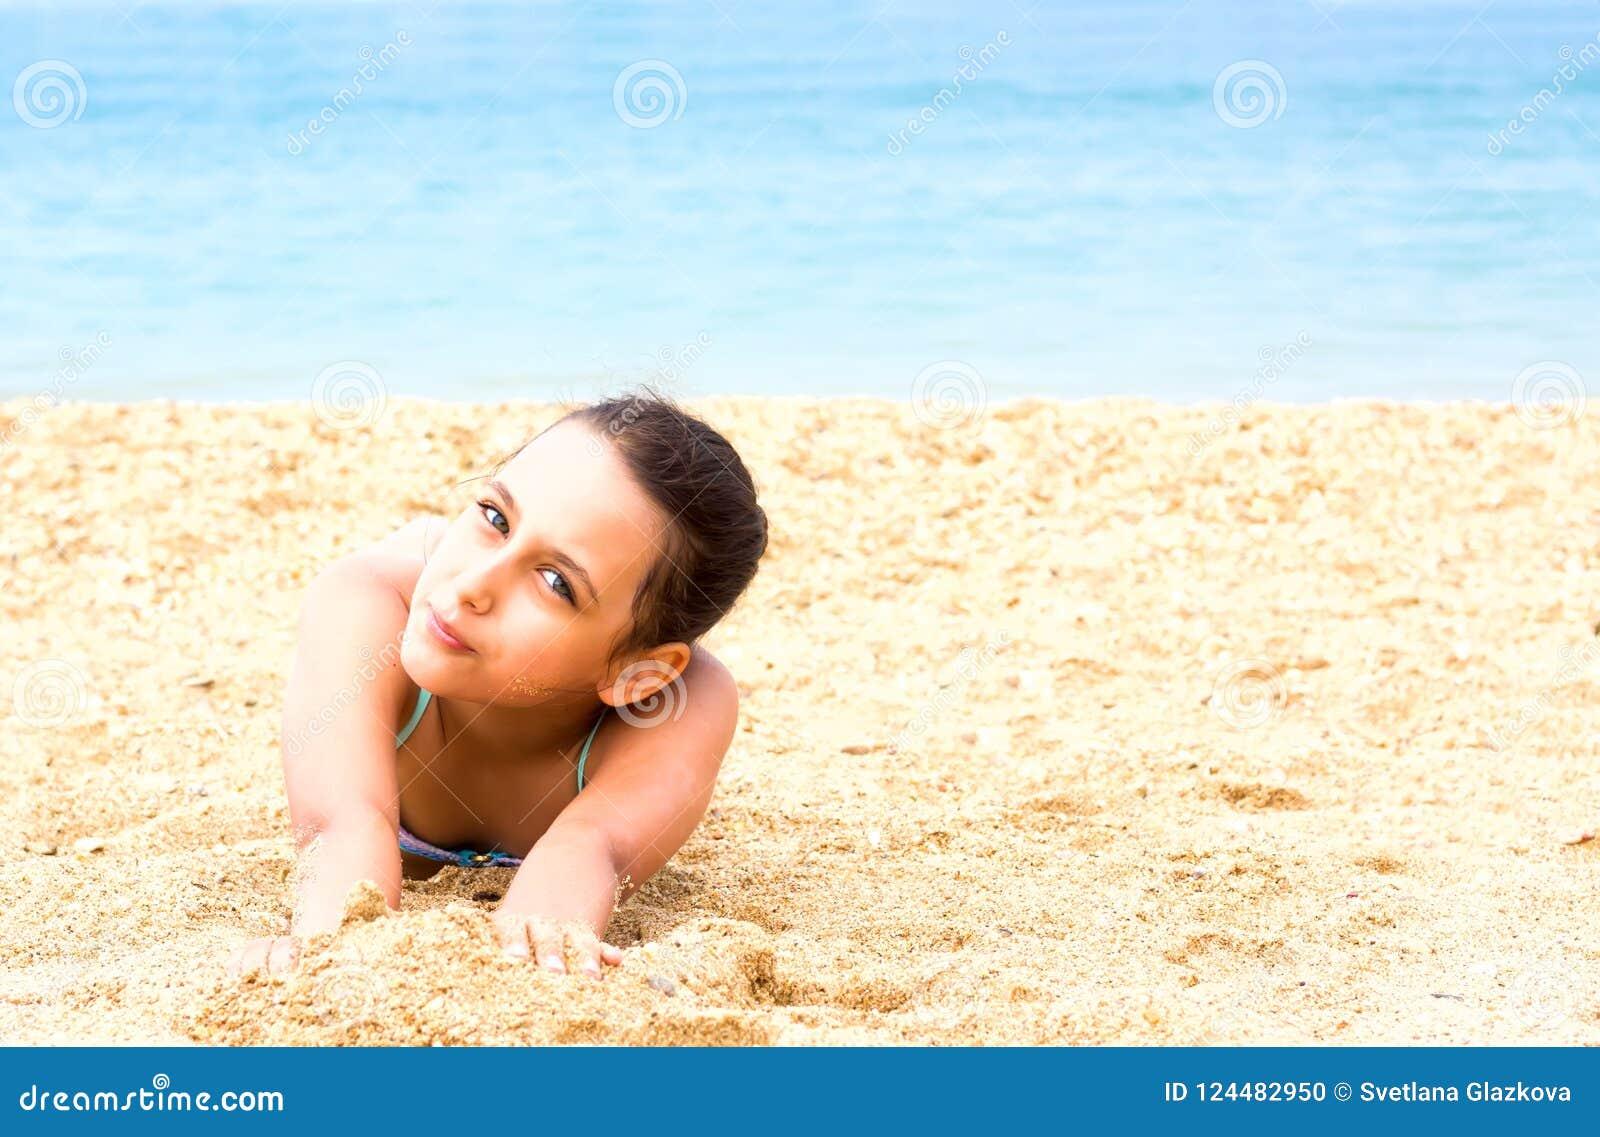 Το όμορφο νέο κορίτσι εφήβων απολαμβάνει την παραλία θερινής θάλασσας